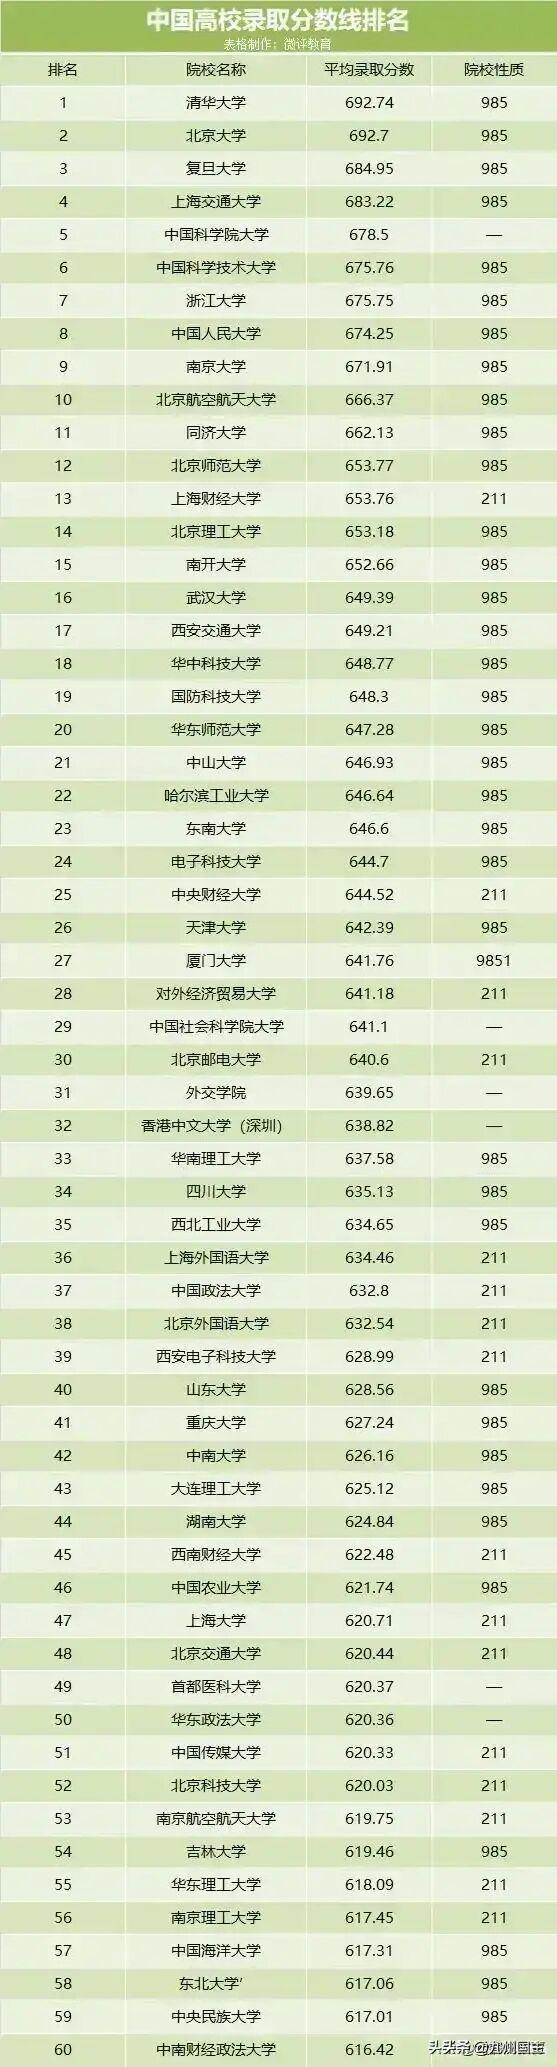 中国高校平均录取分数线排名一览